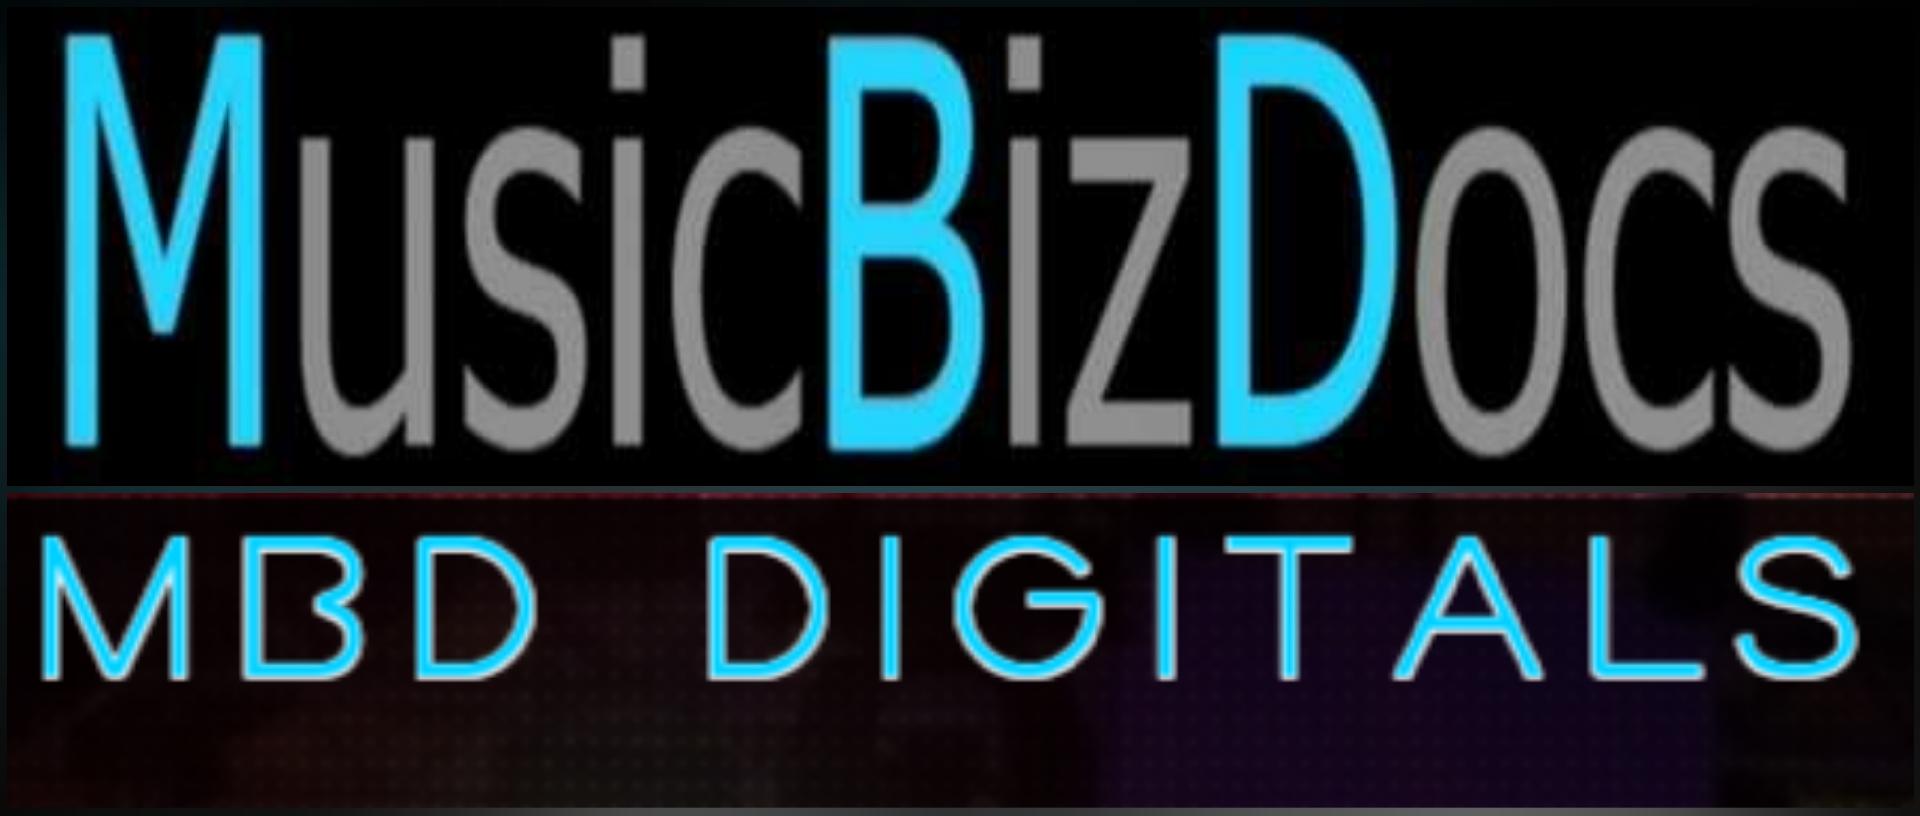 MBD DIGITALS